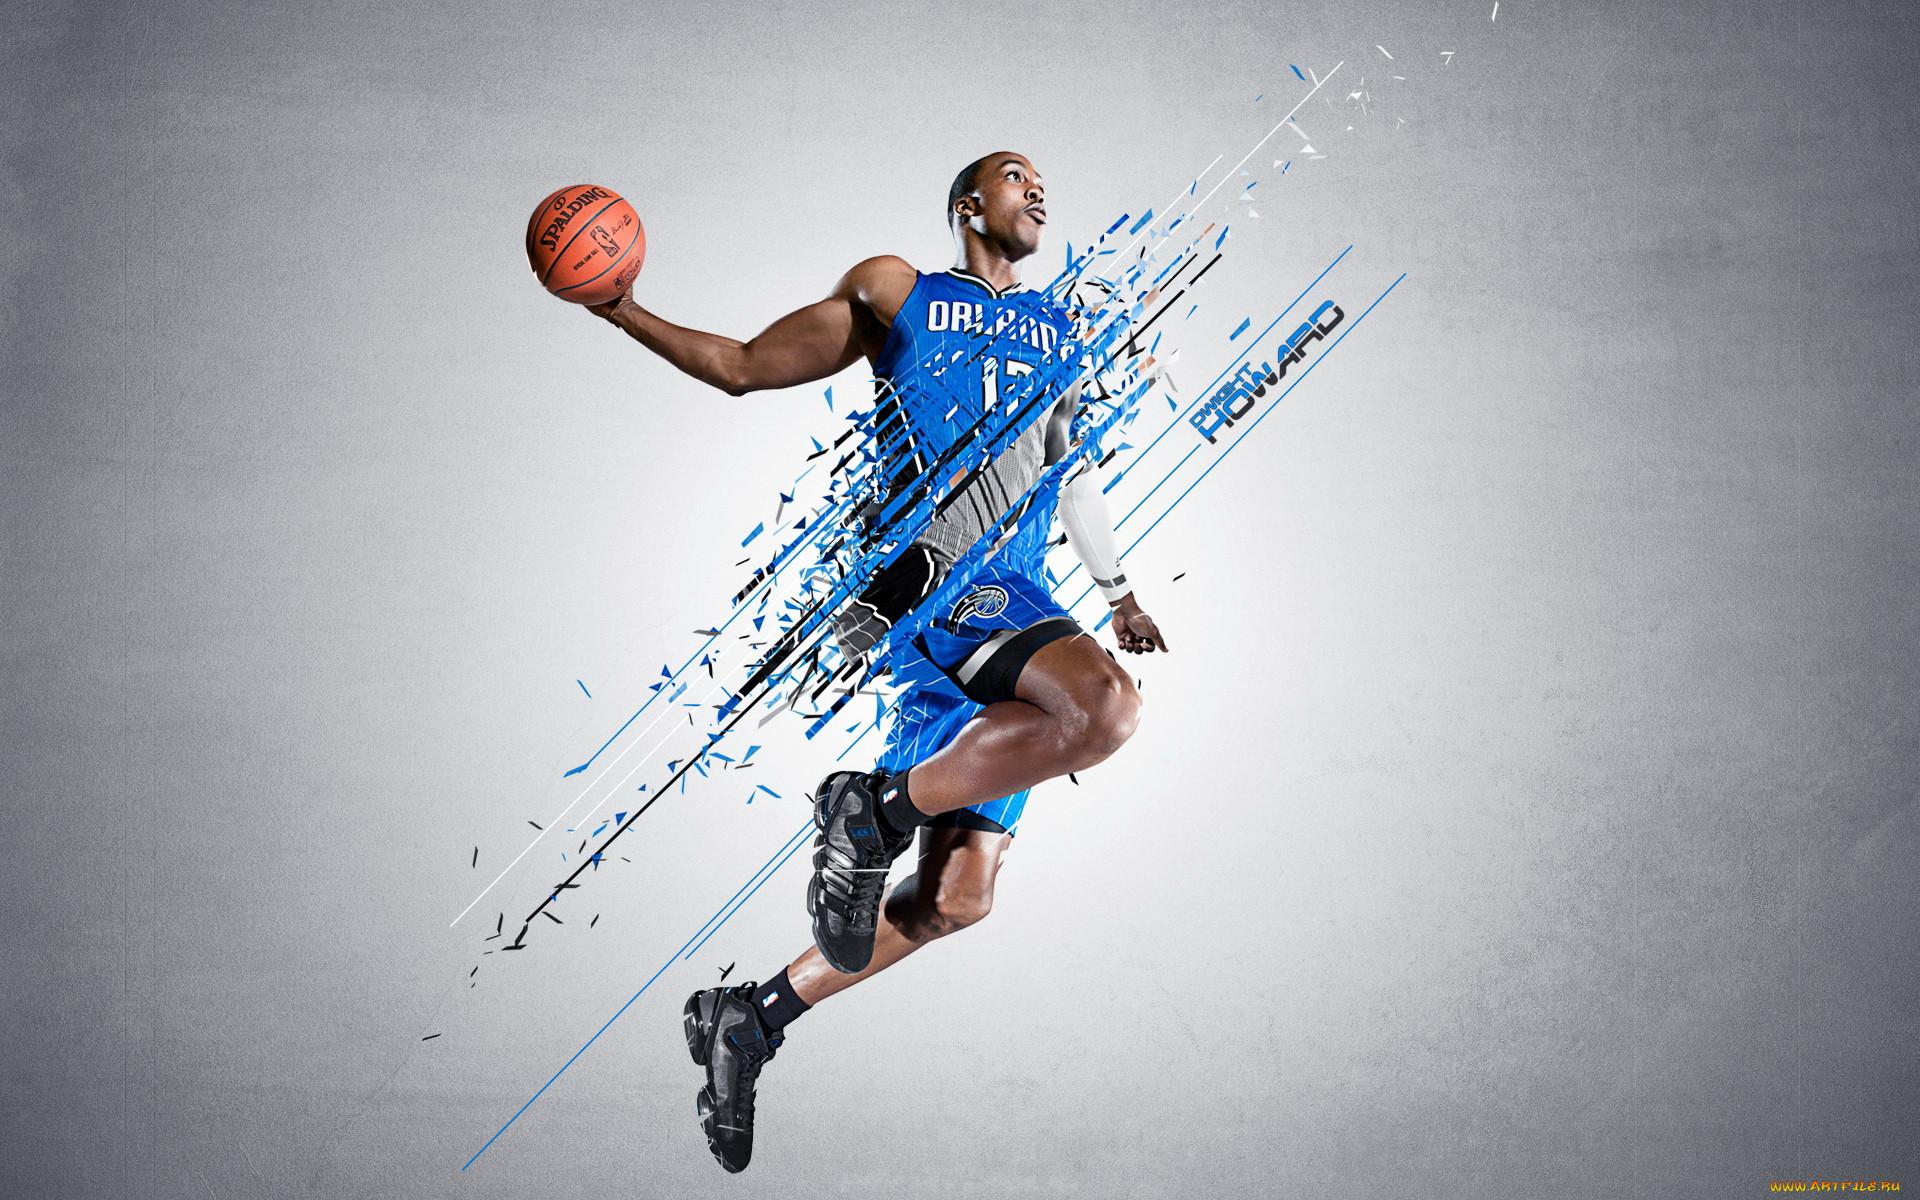 подходящую картинку картинки креативные спорт глубоко излечит нервную